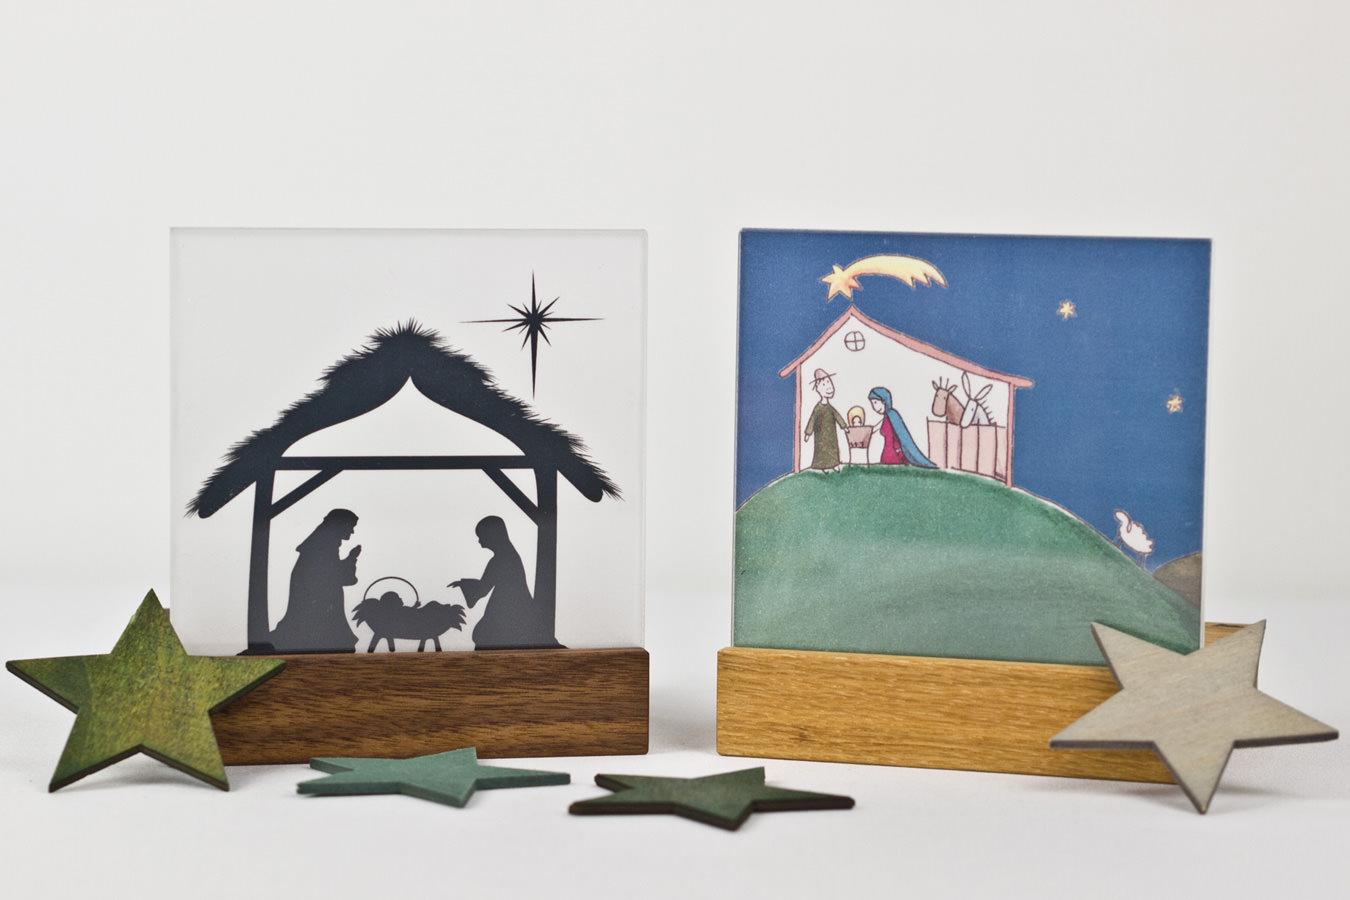 weihnachtsgeschenk f r sie magazin klotzaufklotz. Black Bedroom Furniture Sets. Home Design Ideas